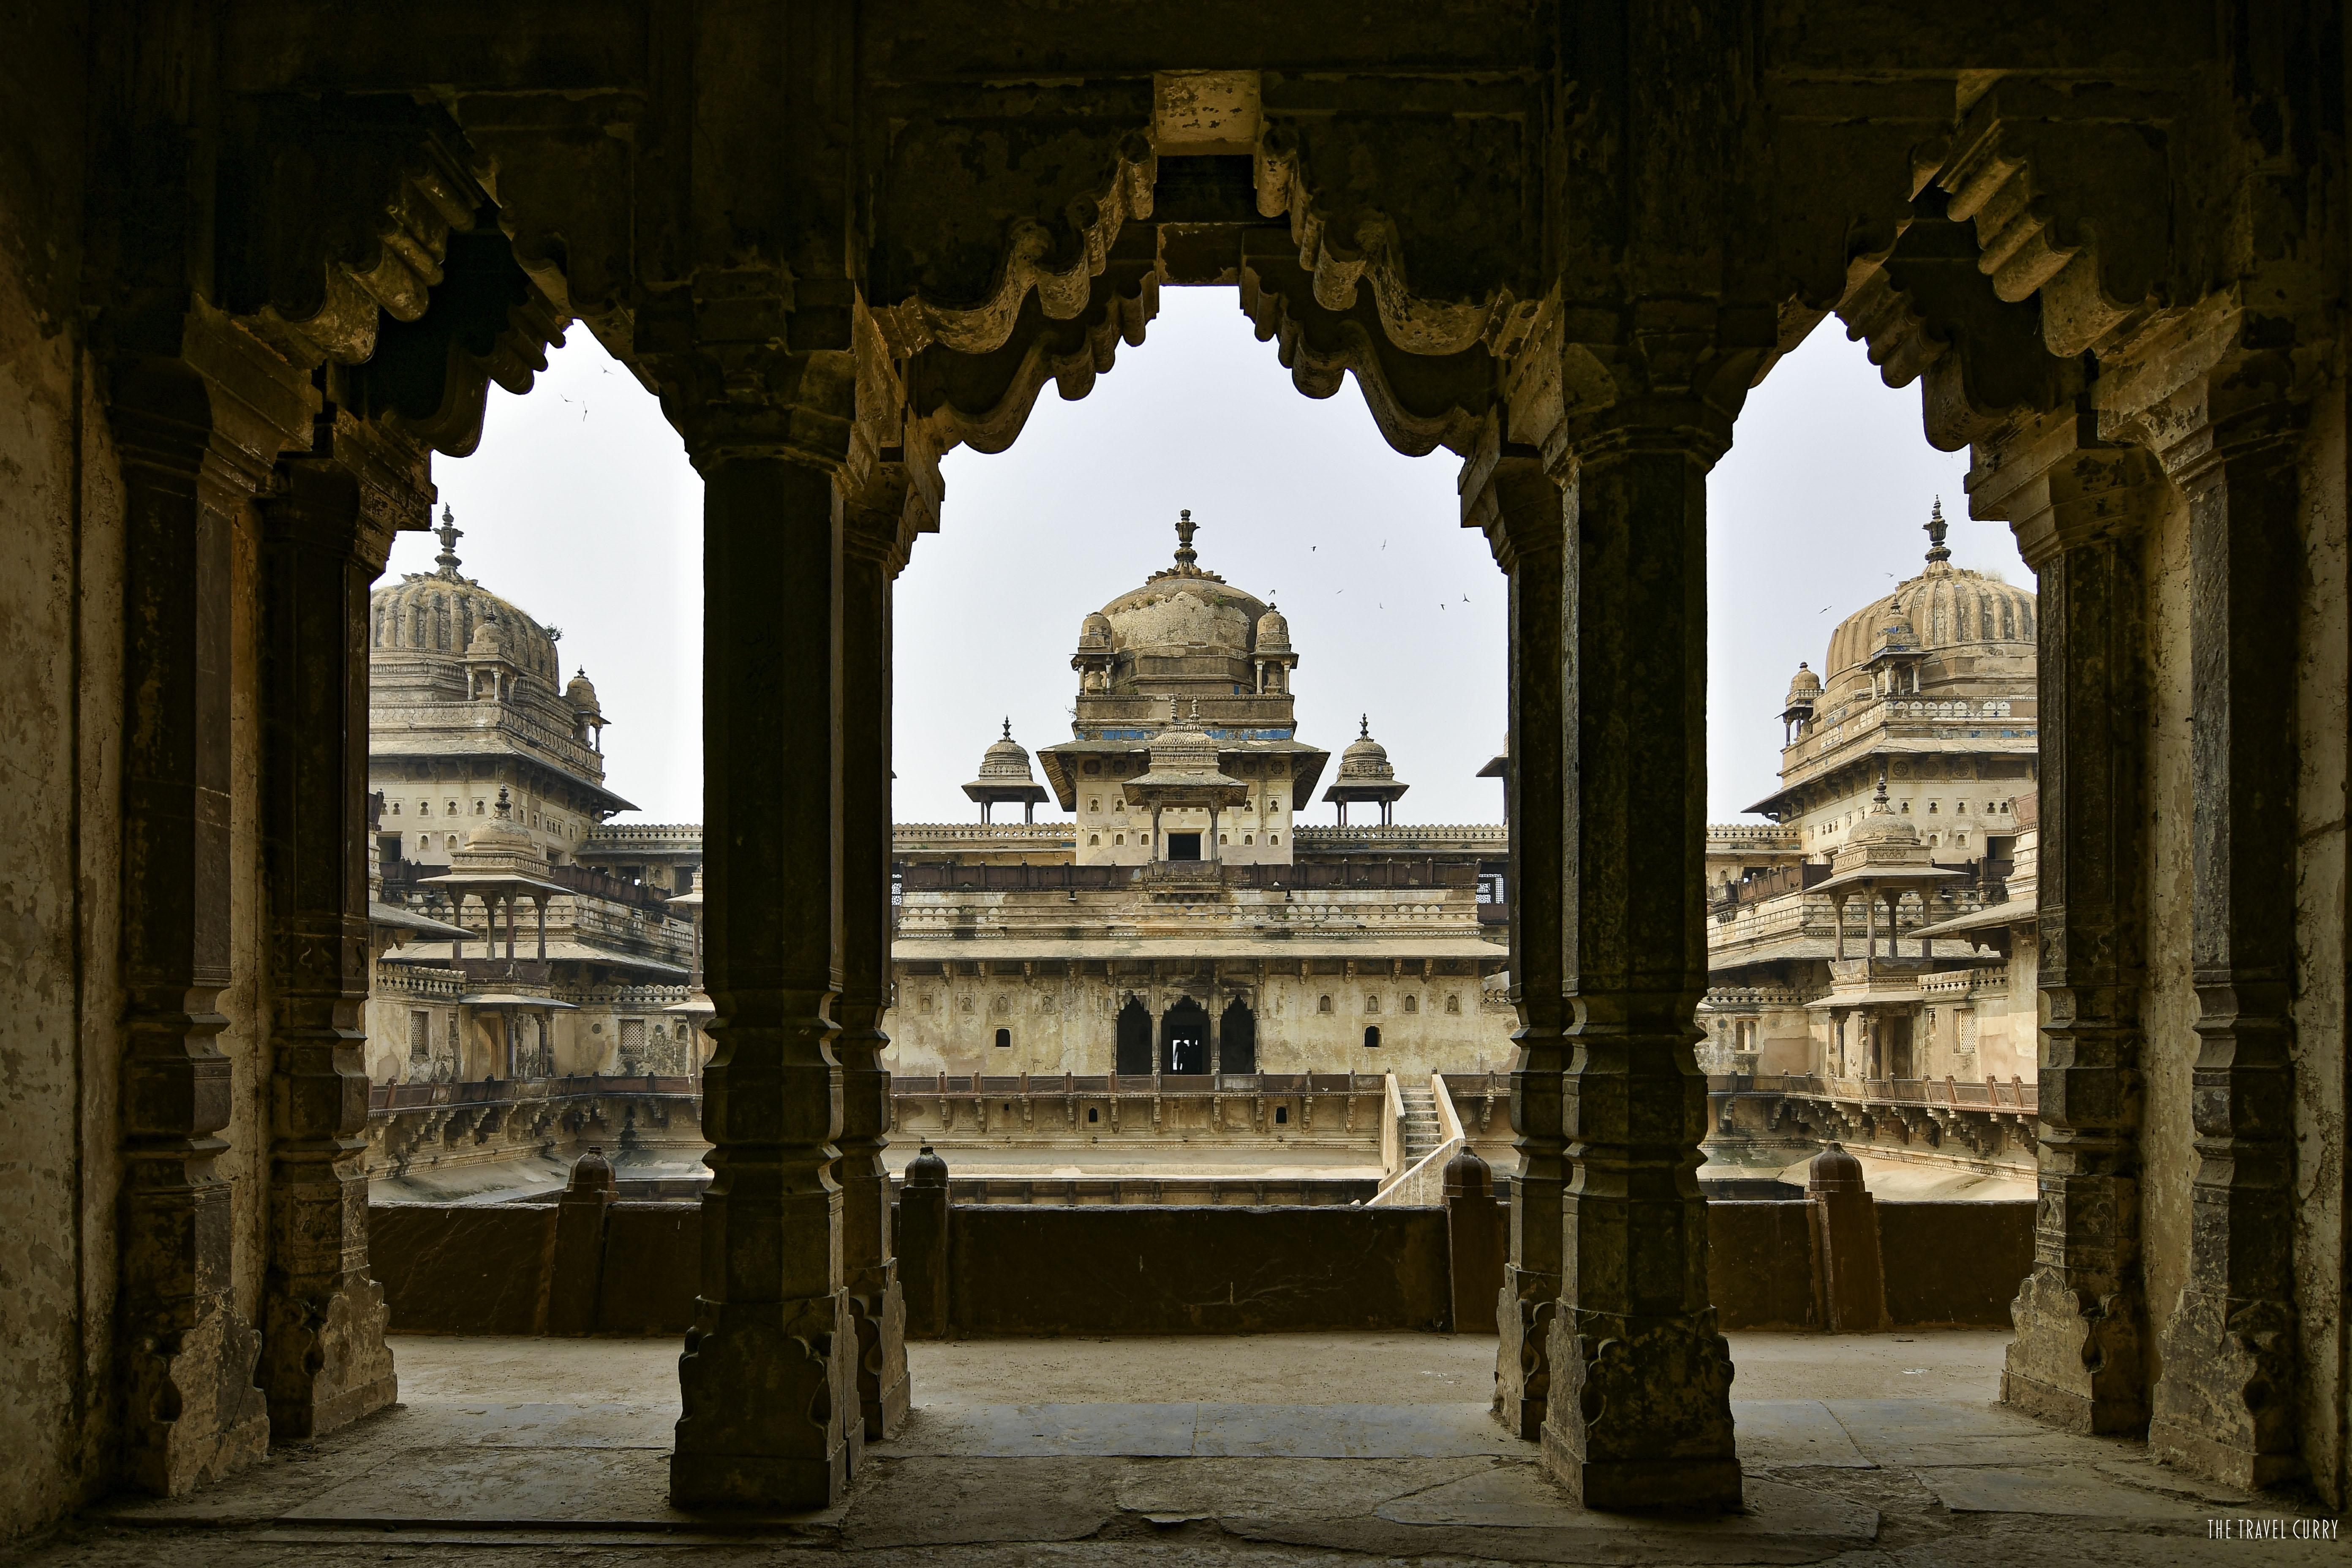 Jahangir Mahal Balcony at Orchha Fort